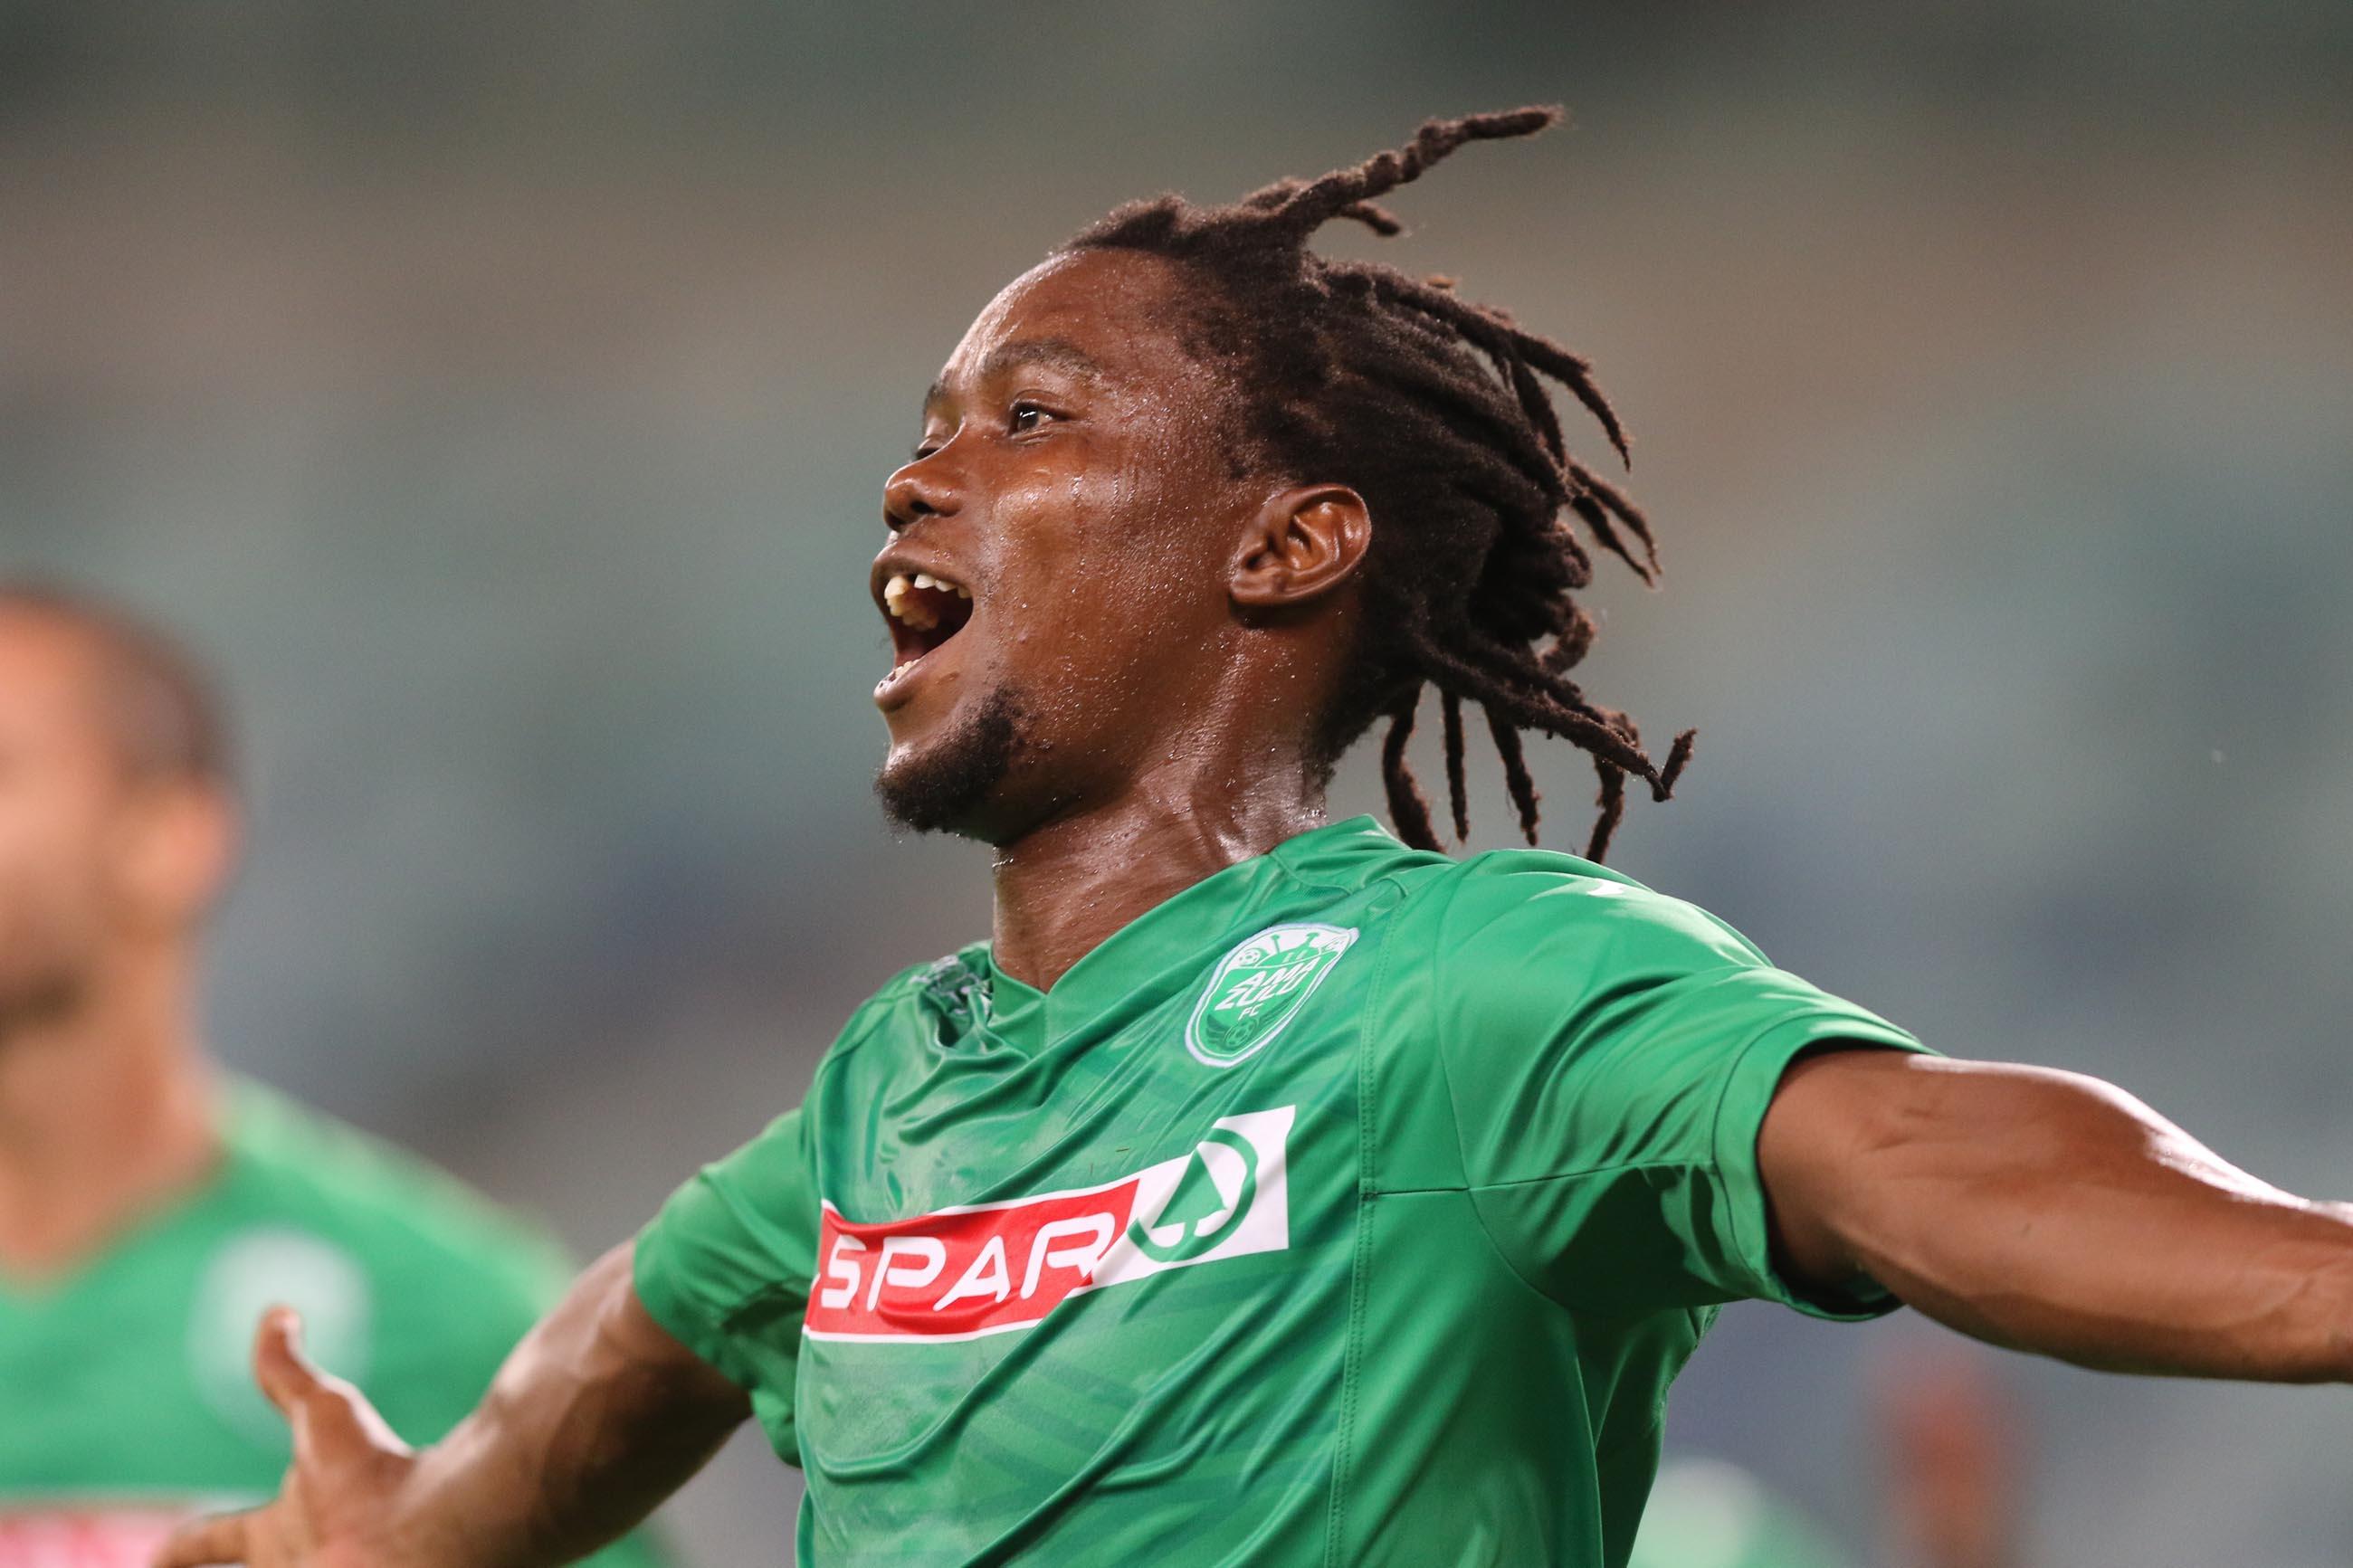 Mbulelo Mabizela of Amazulu celebrates his goal.  (Photo by Anesh Debiky/Gallo Images)